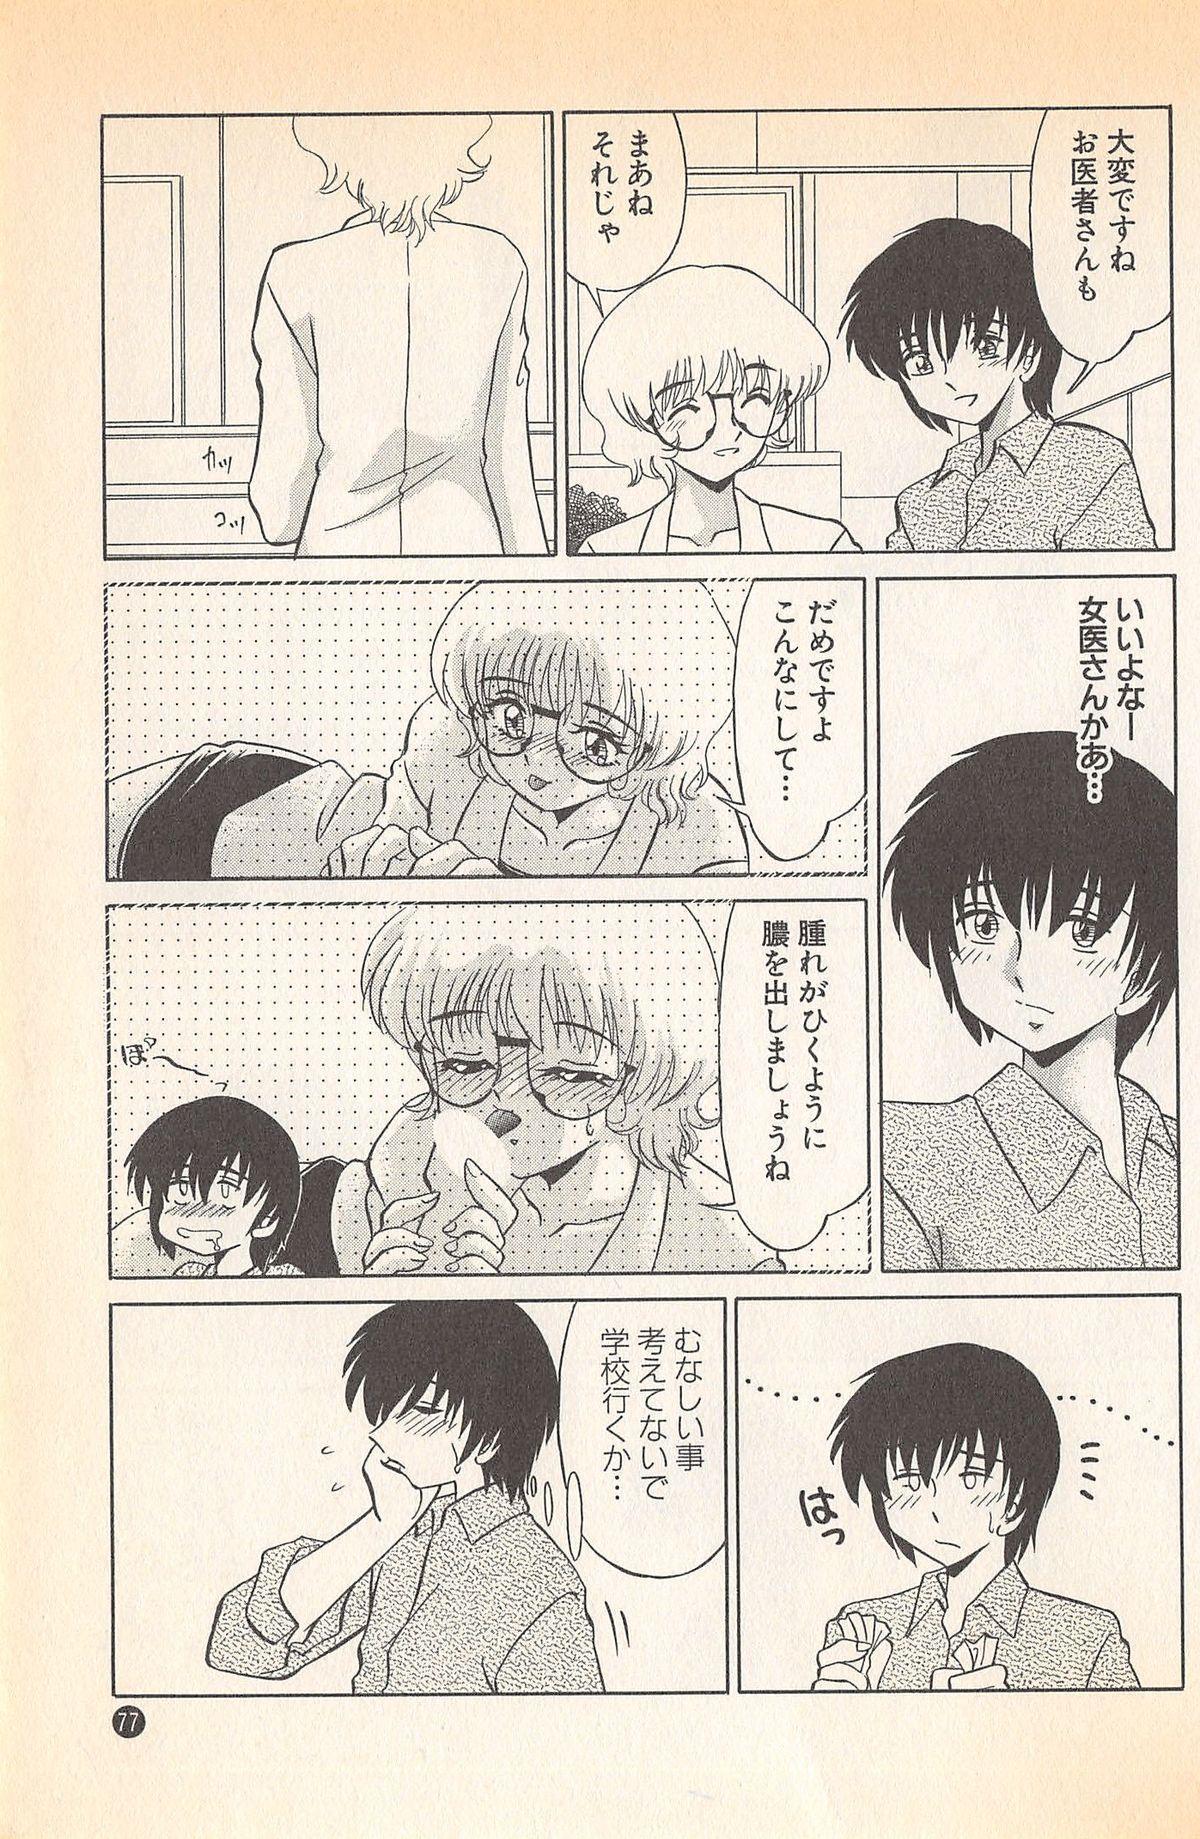 Doki Doki no Shikumi 78